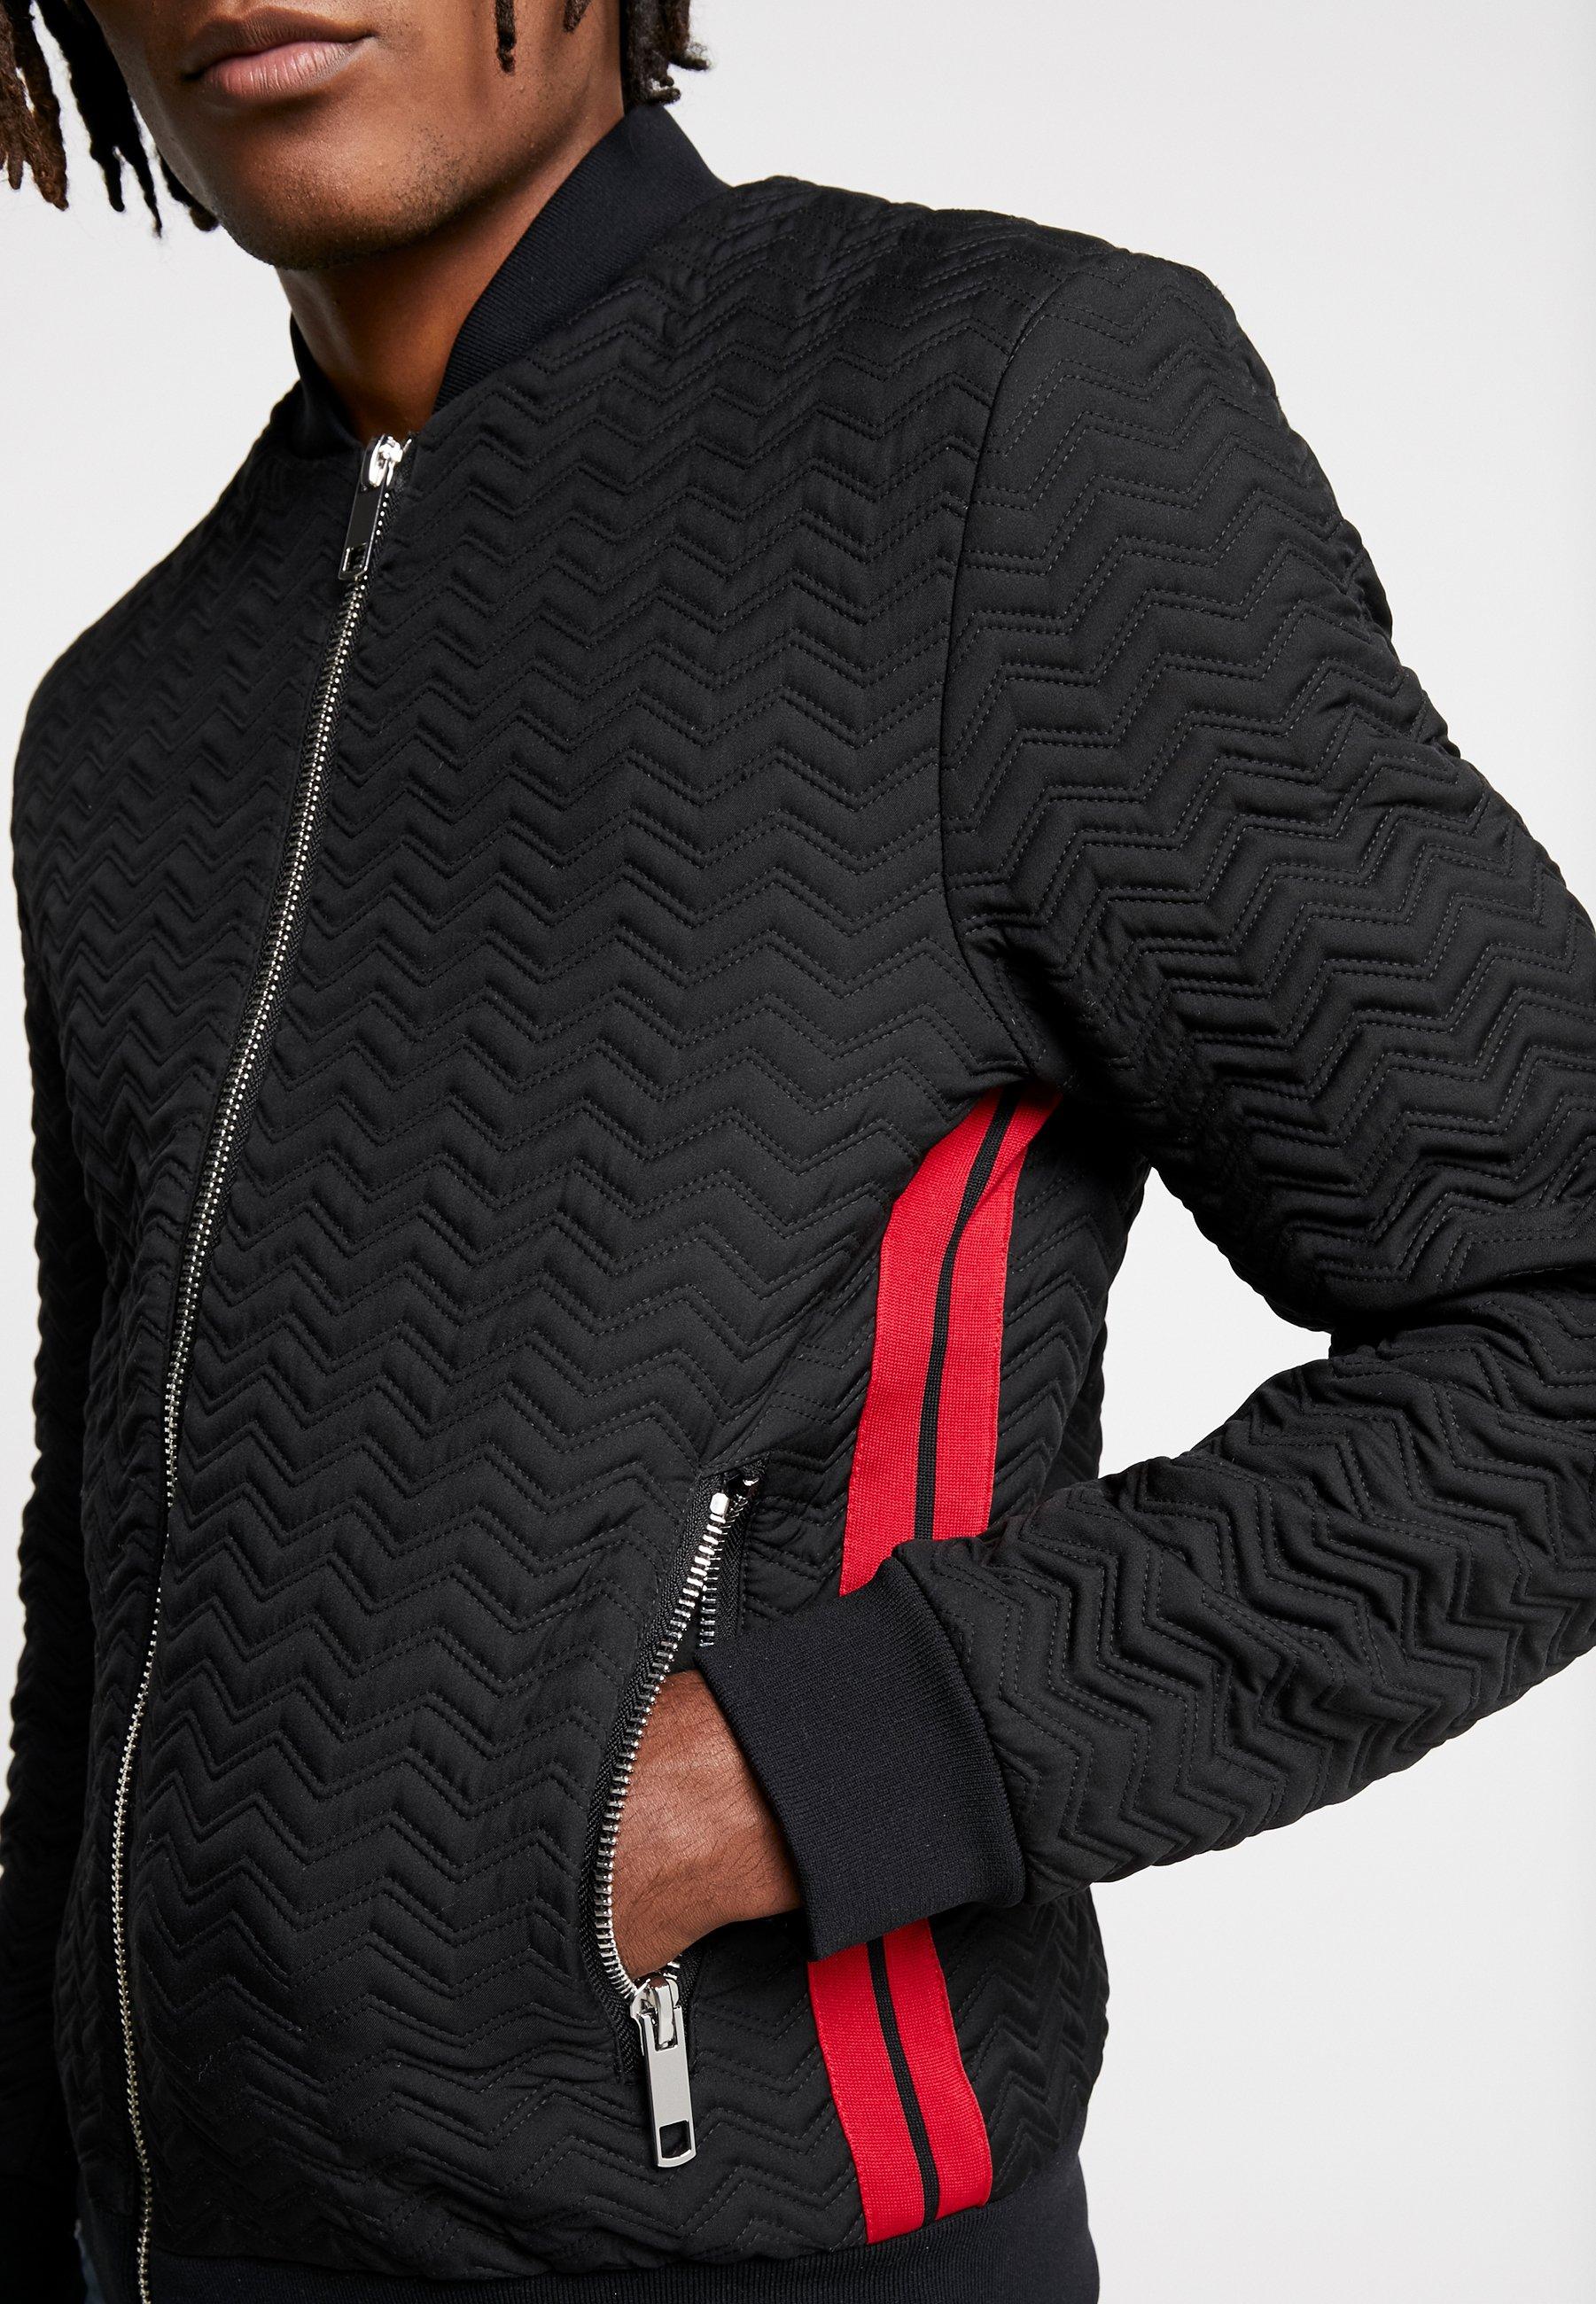 Antony Morato Cheked Design - Bomberjacke Black